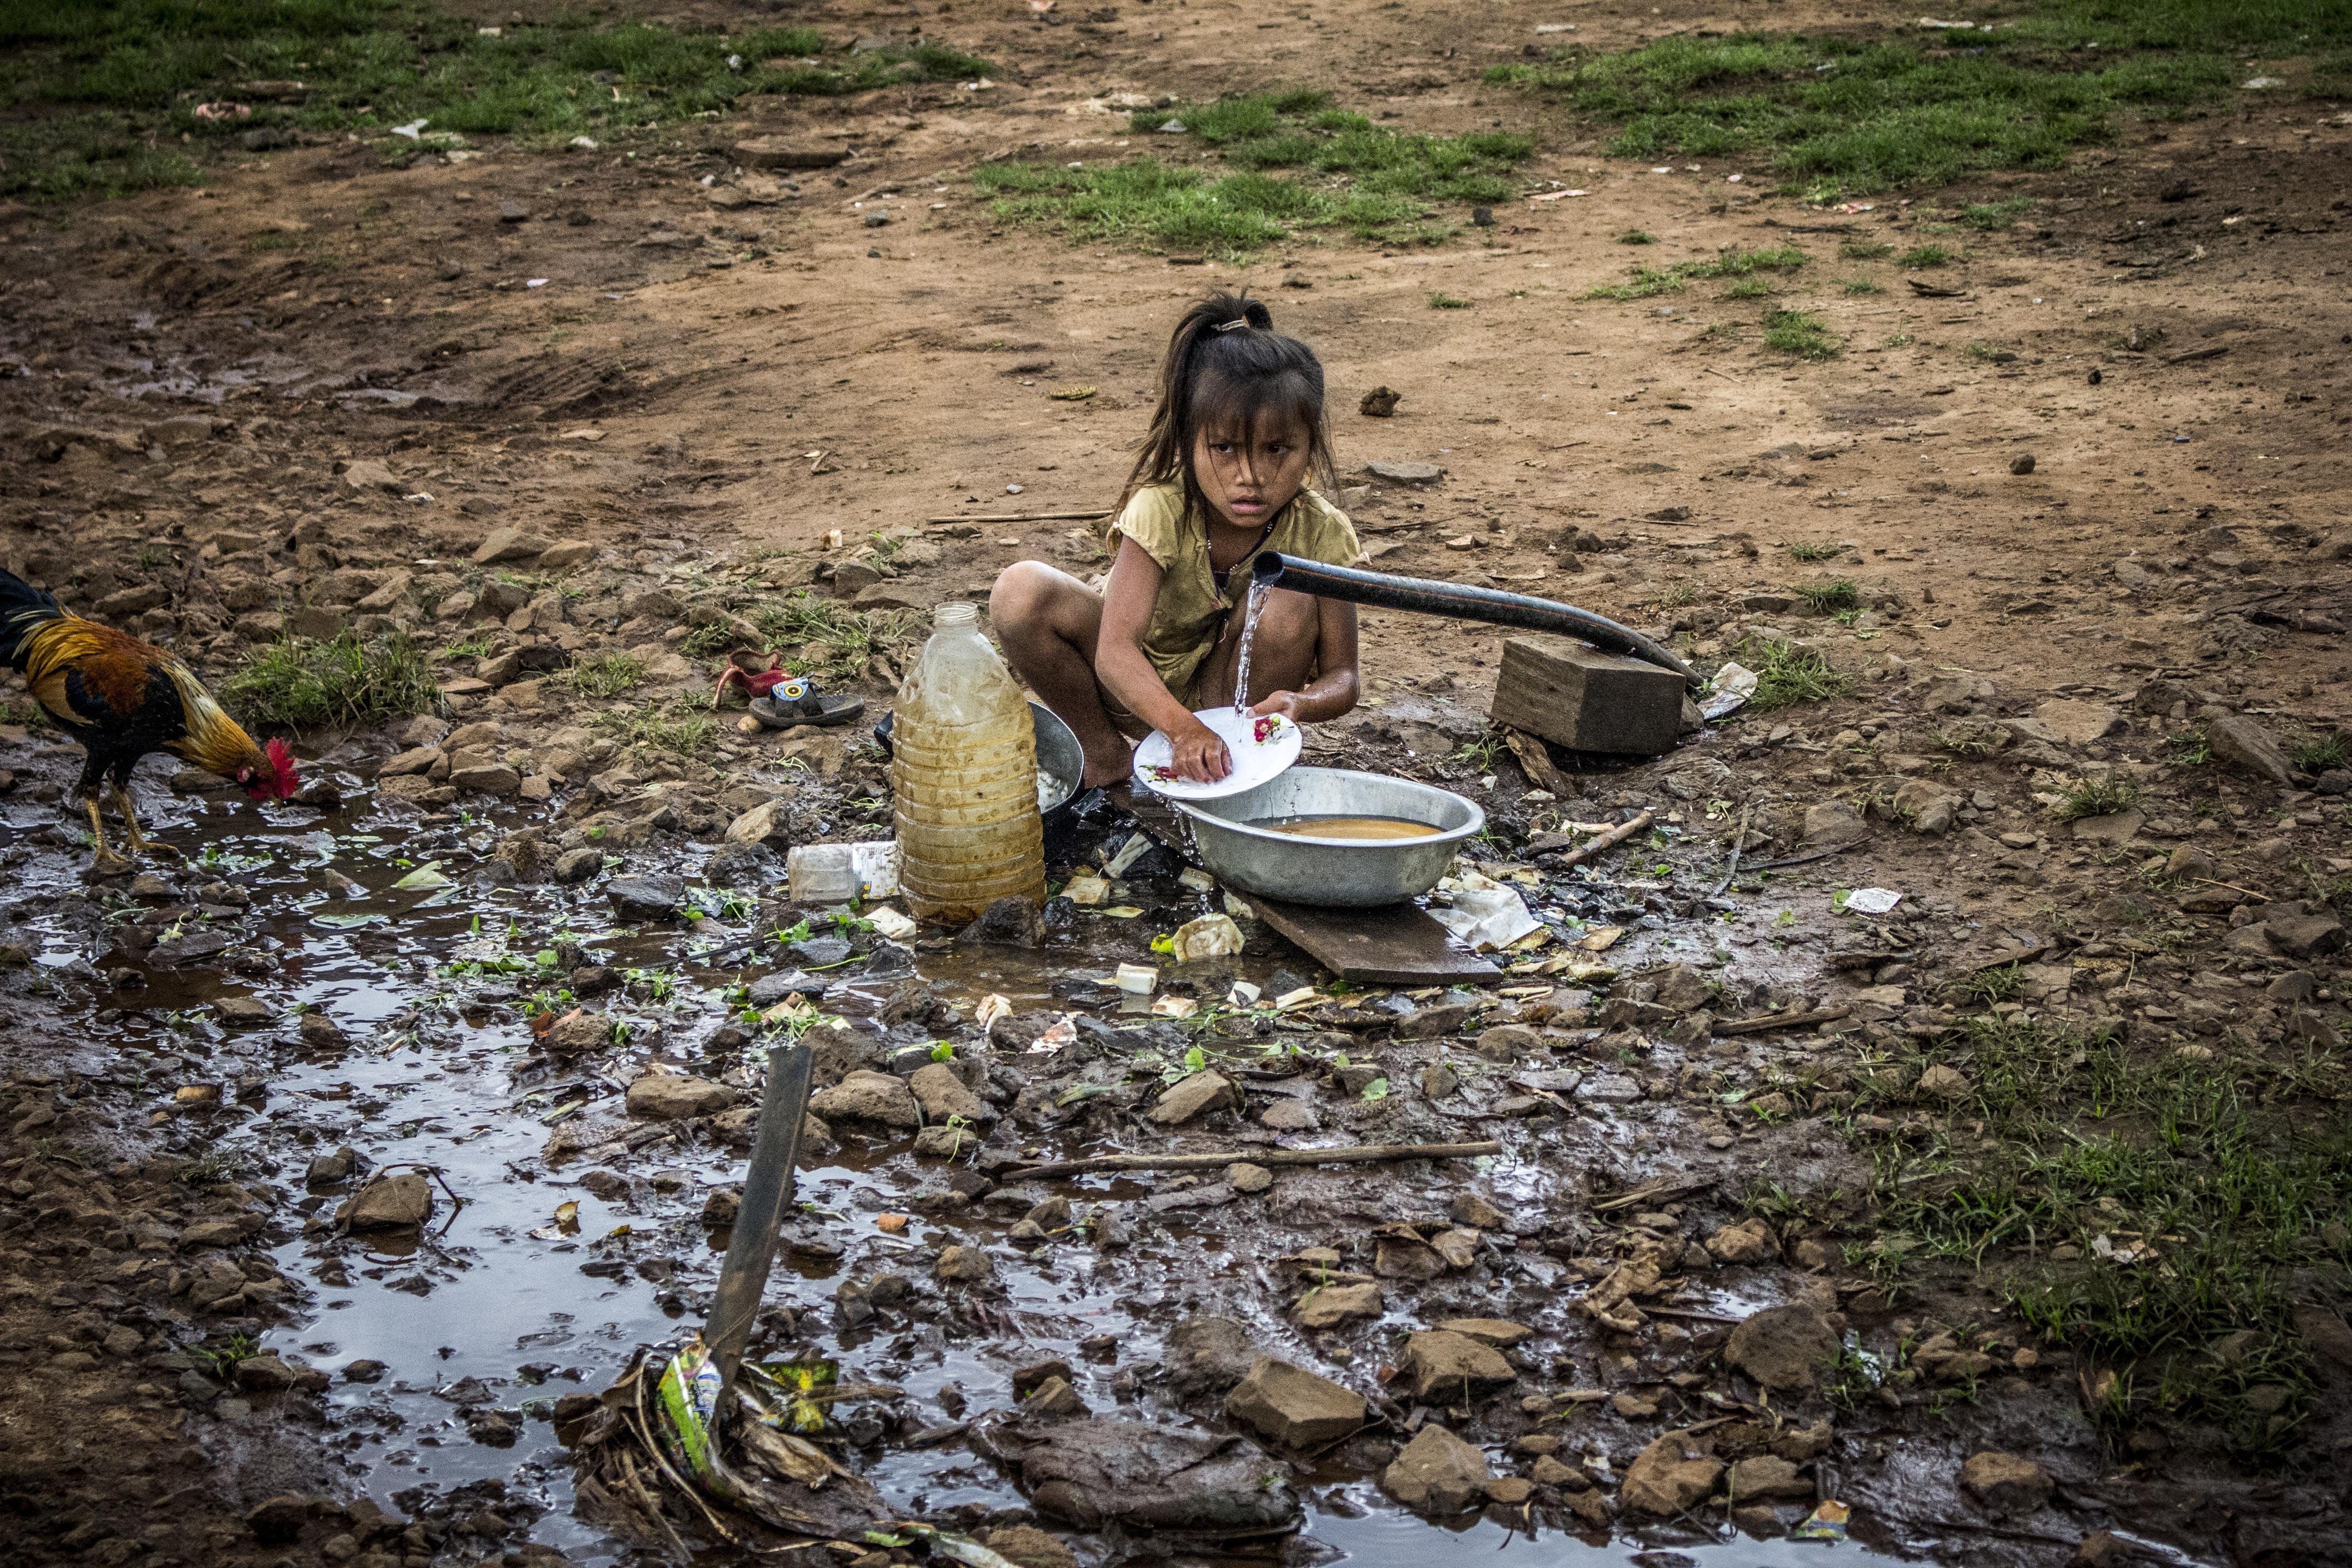 Girl Washing Dishes Sitting Near Plastic Bottle